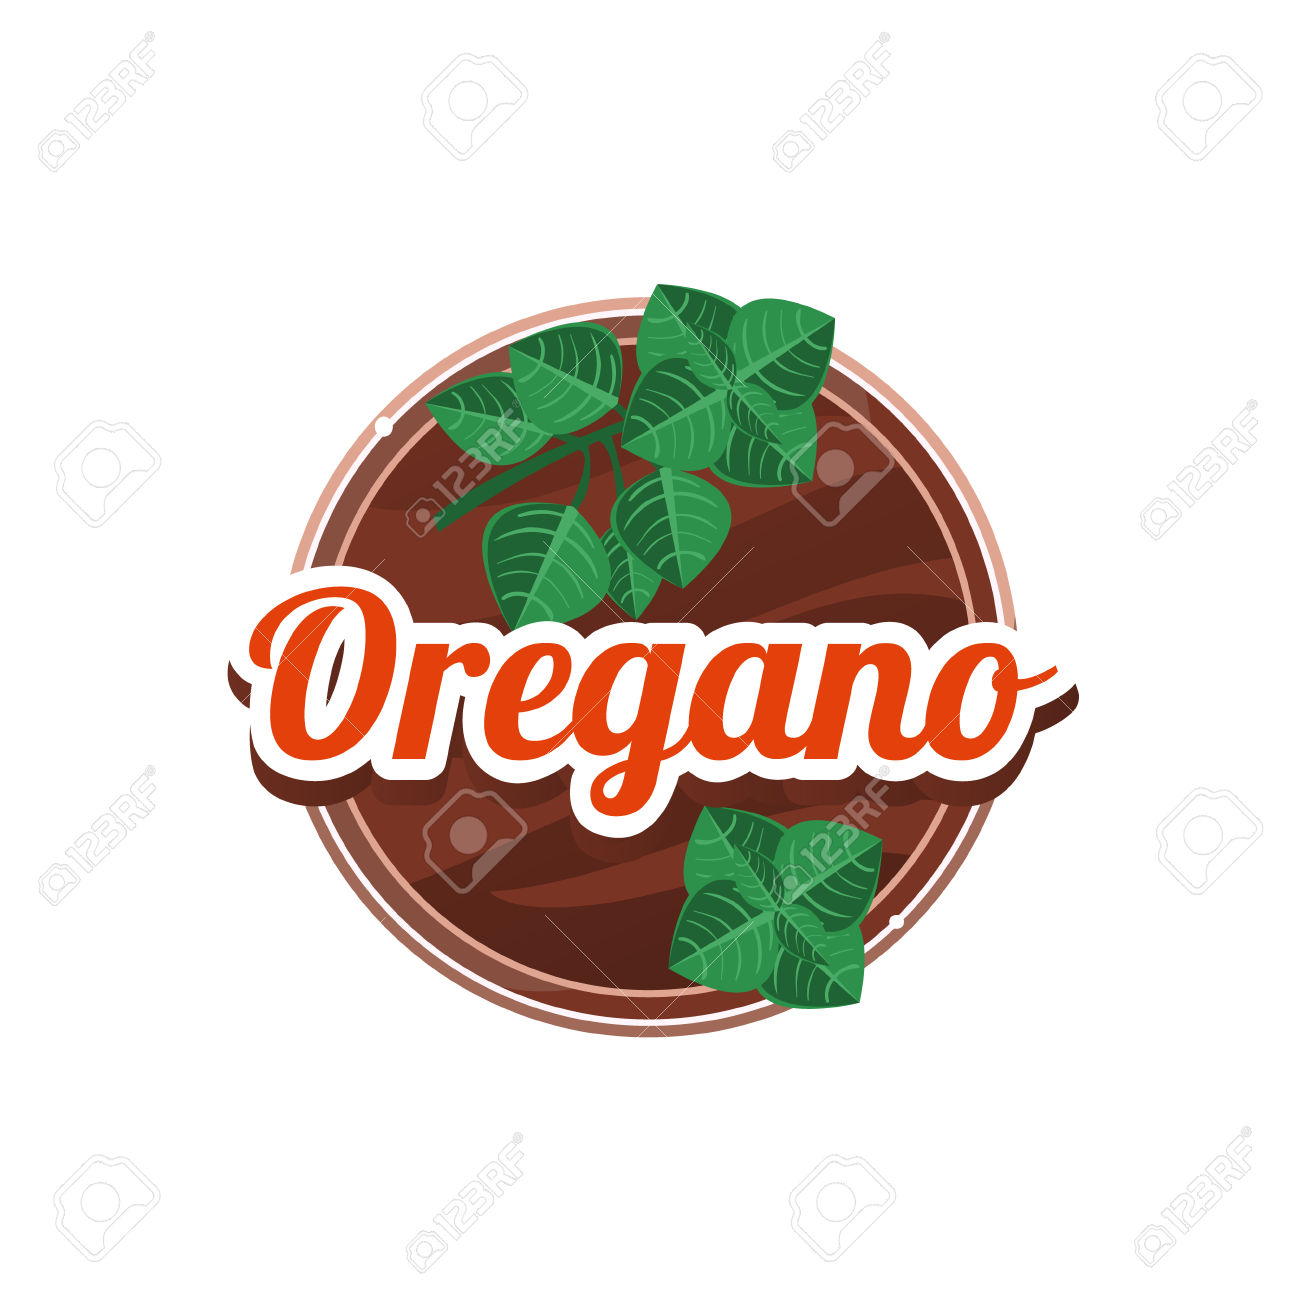 Oregano Spice. Decorative Vector Illustration. Stickers With.